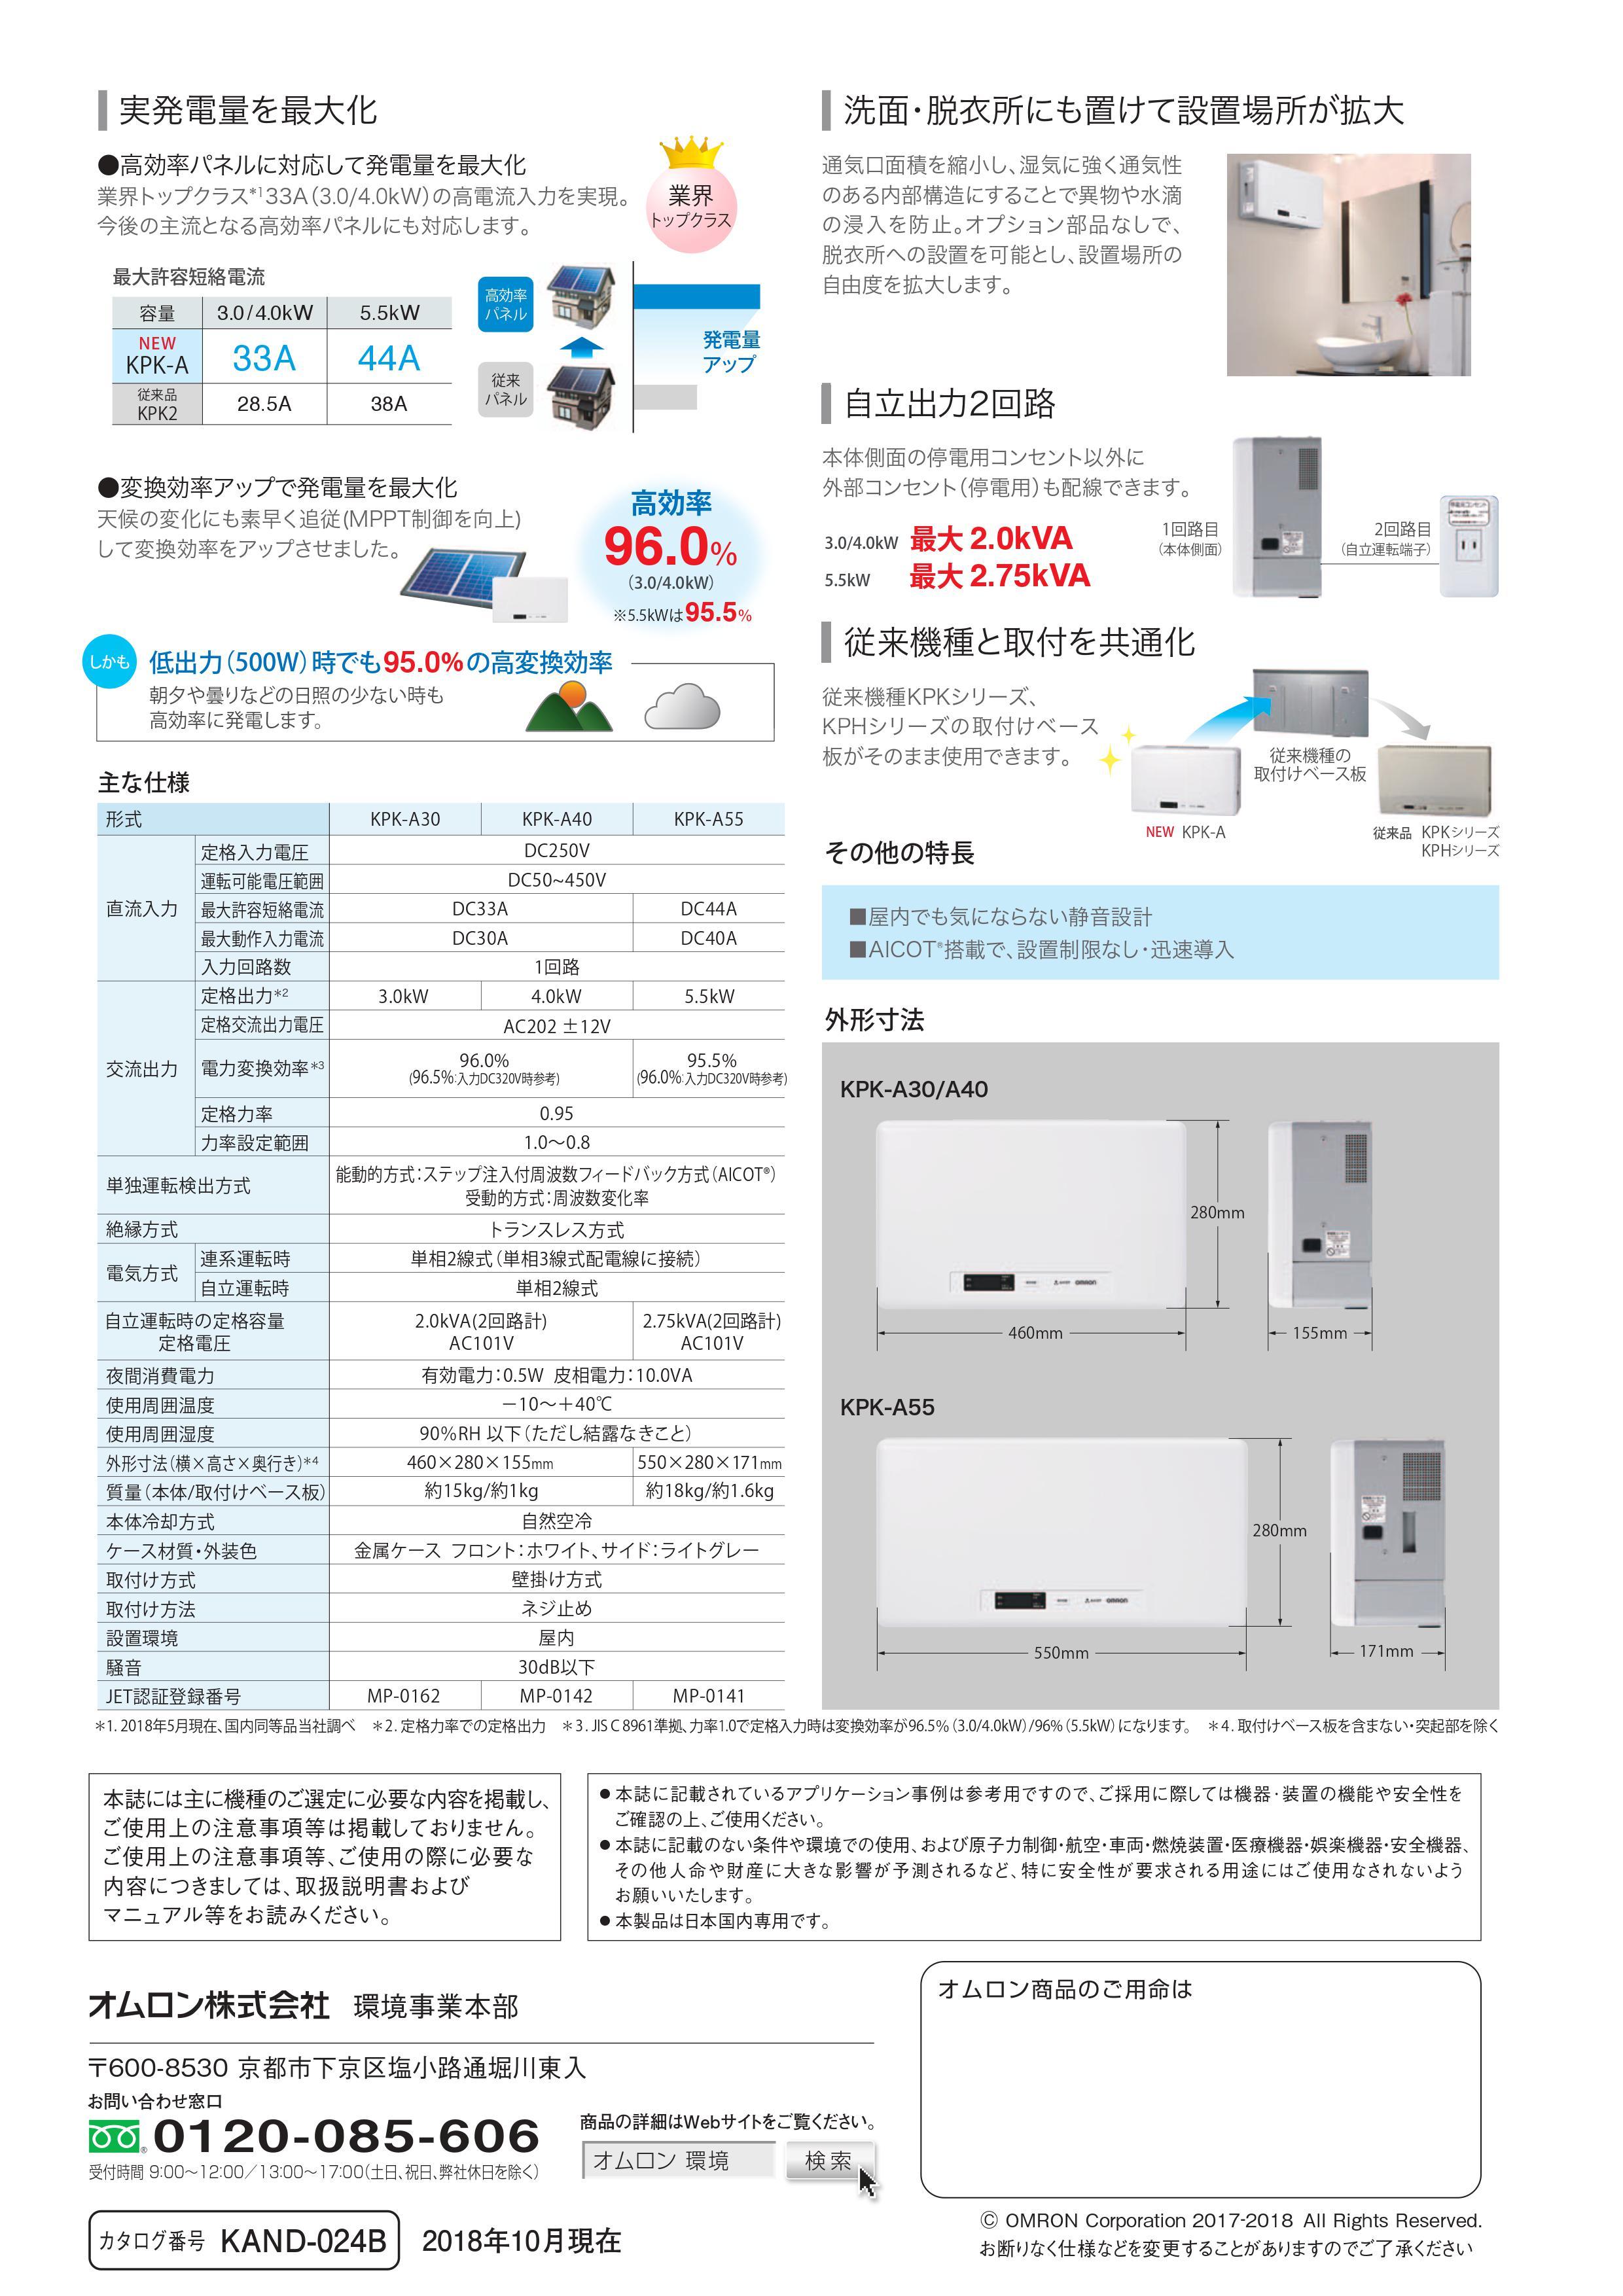 【単相4.0kW】オムロン パワコン KPK-A40 屋内用パワーコンディショナー